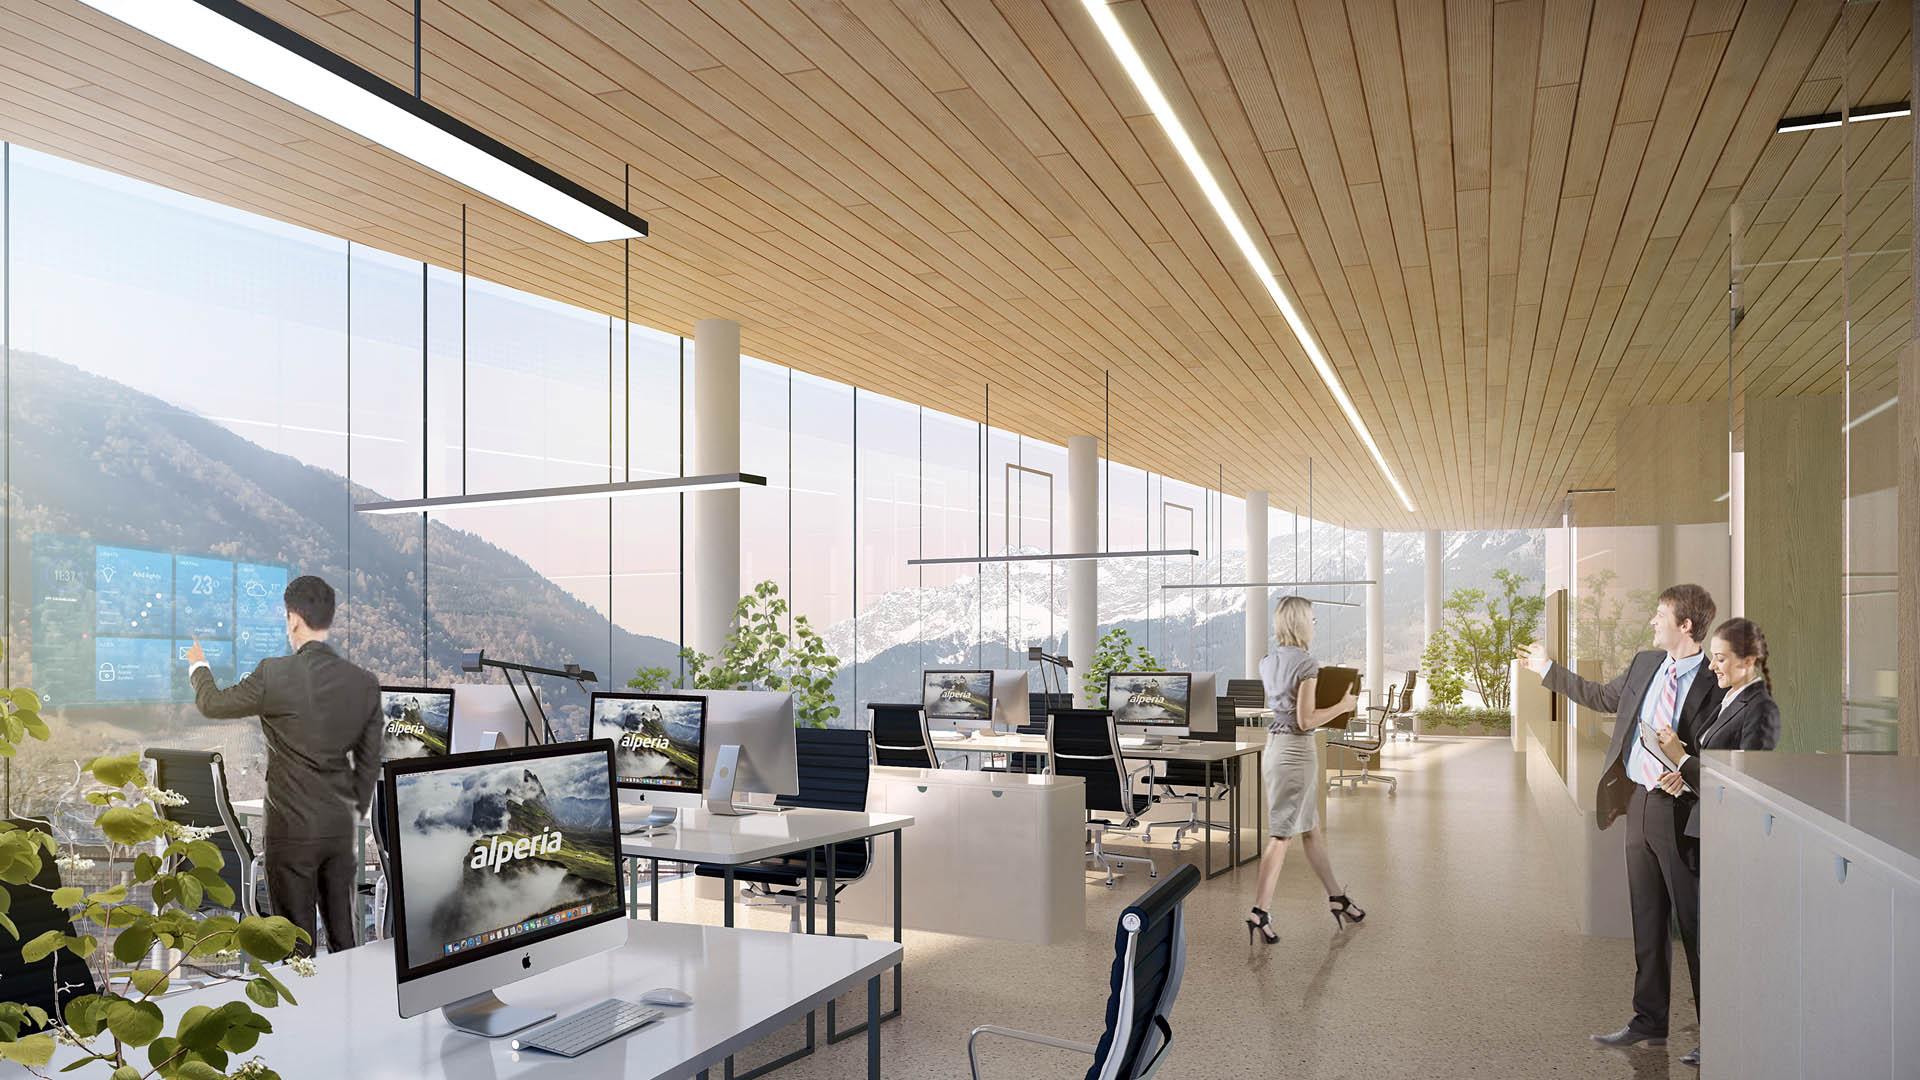 New Alperia headquarters in Merano